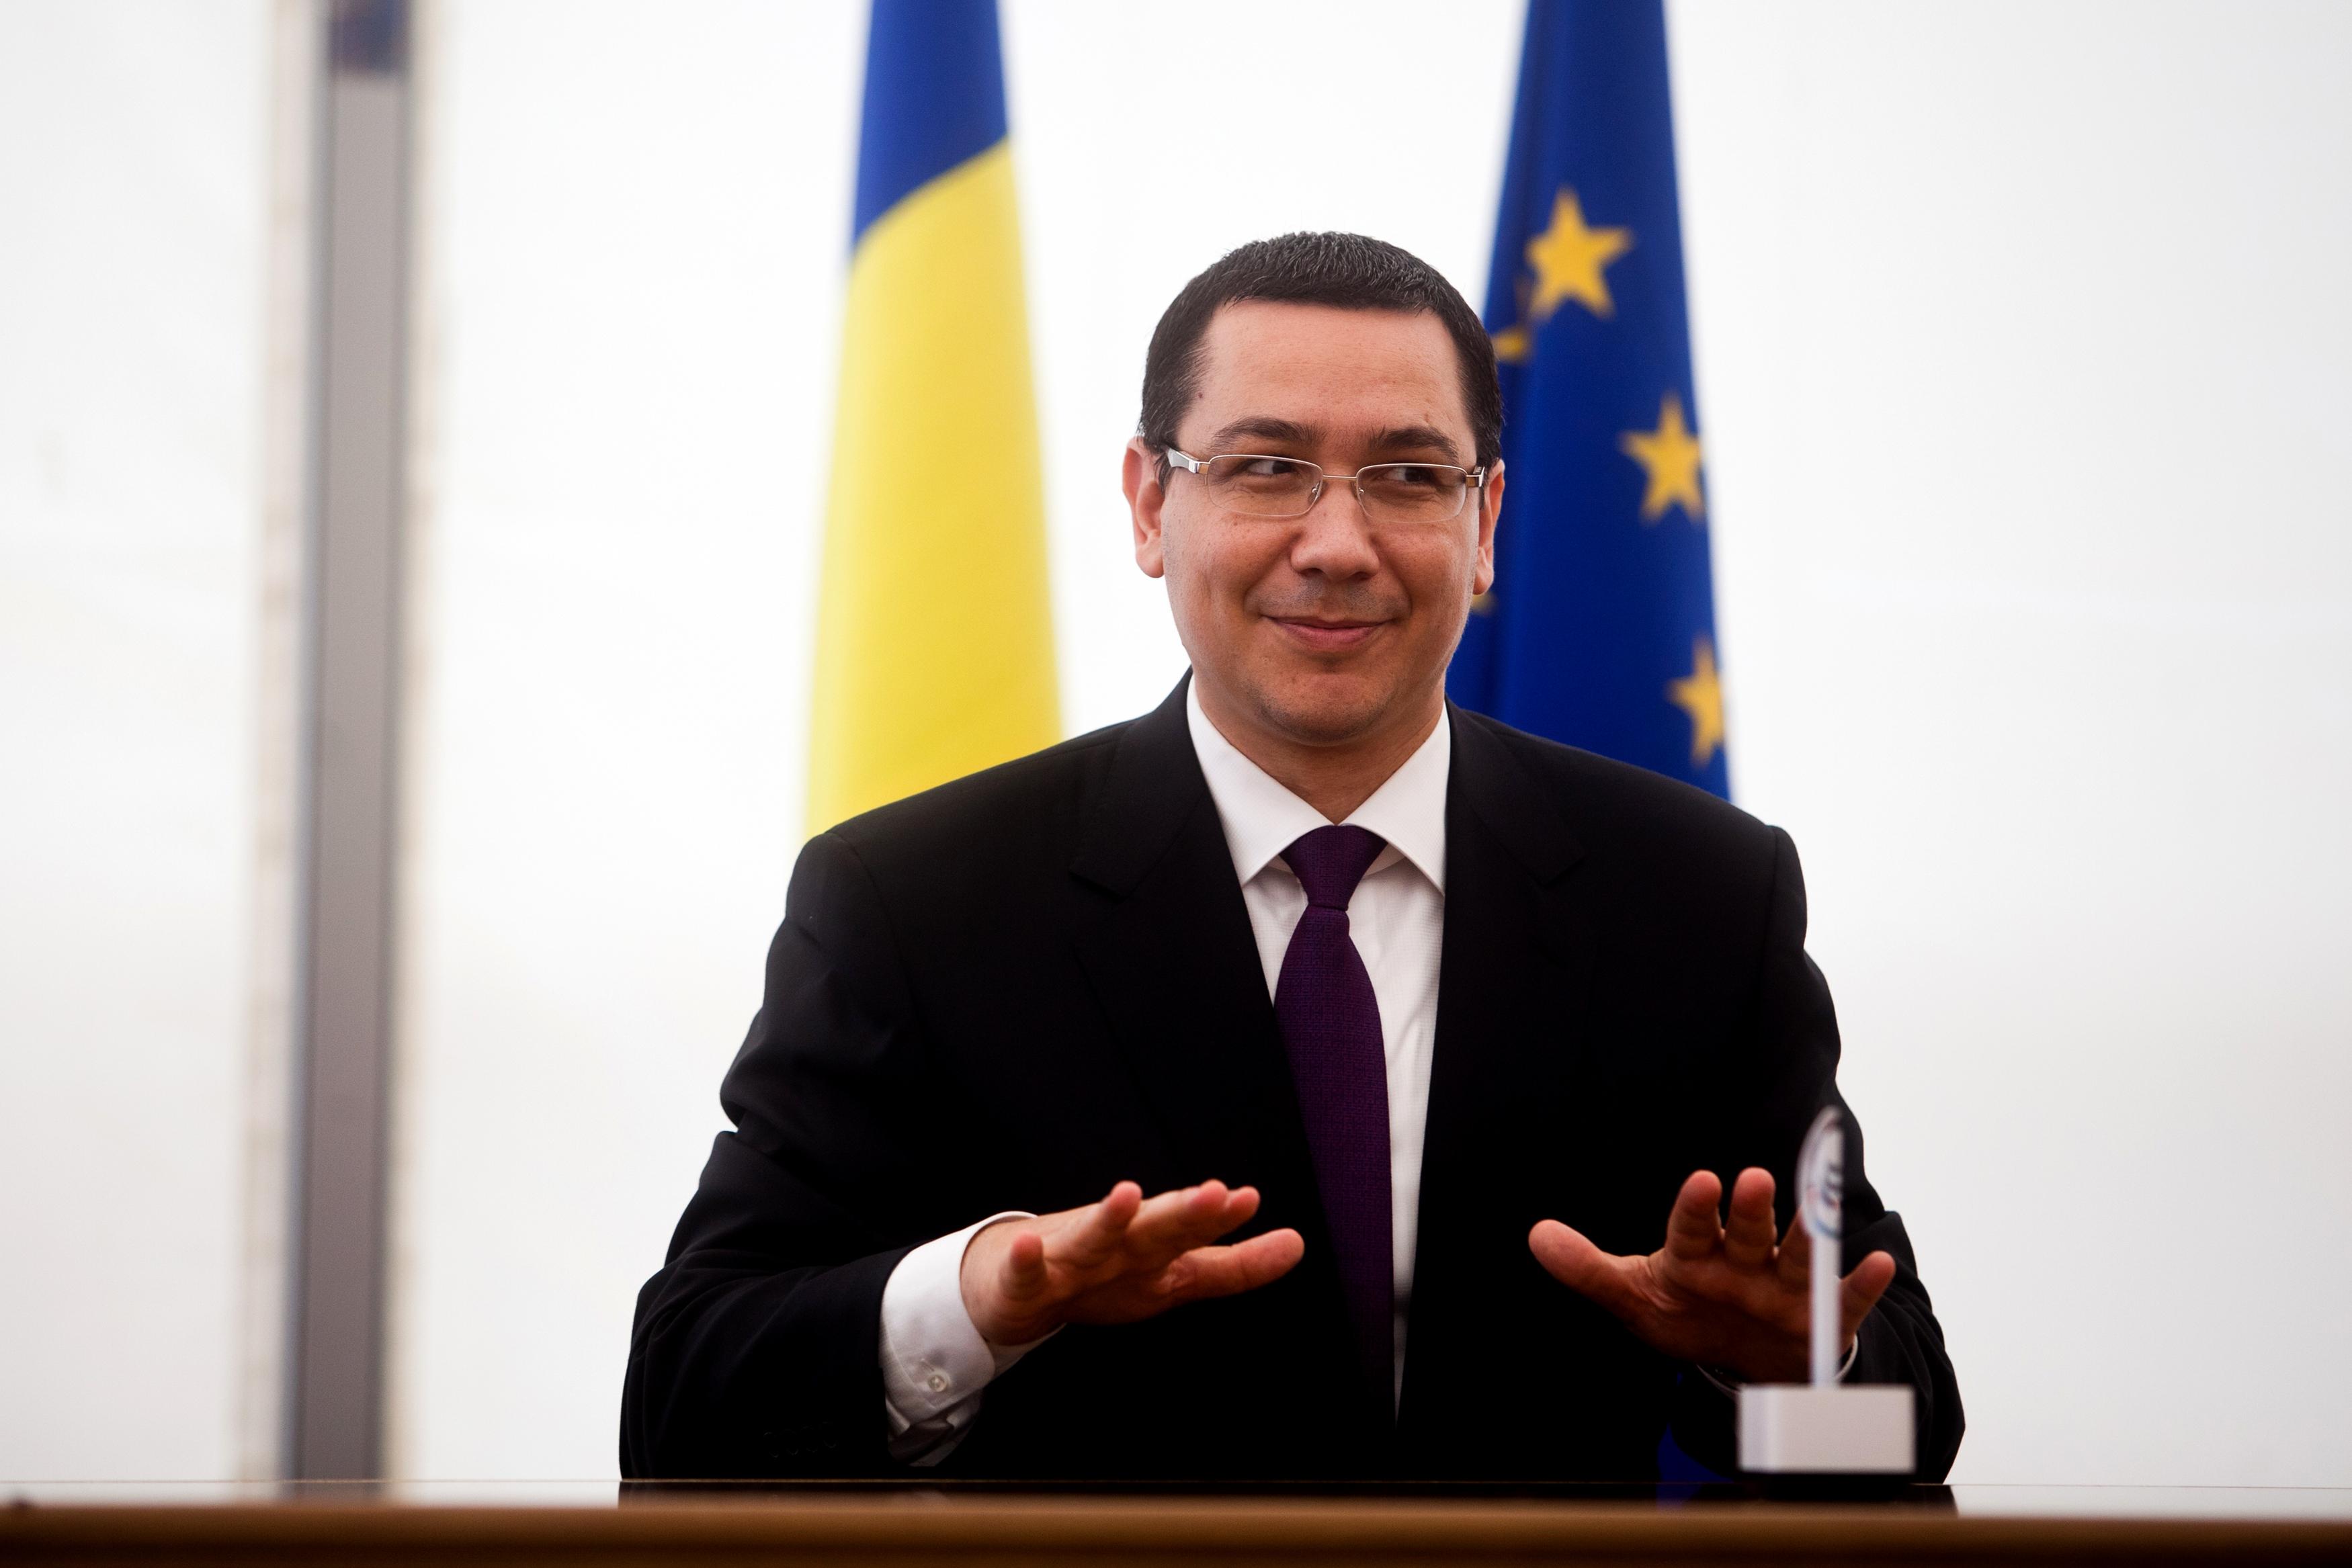 Revizuirea Constitutiei. Ponta anunta cele trei date posibile pentru organizarea referendumului